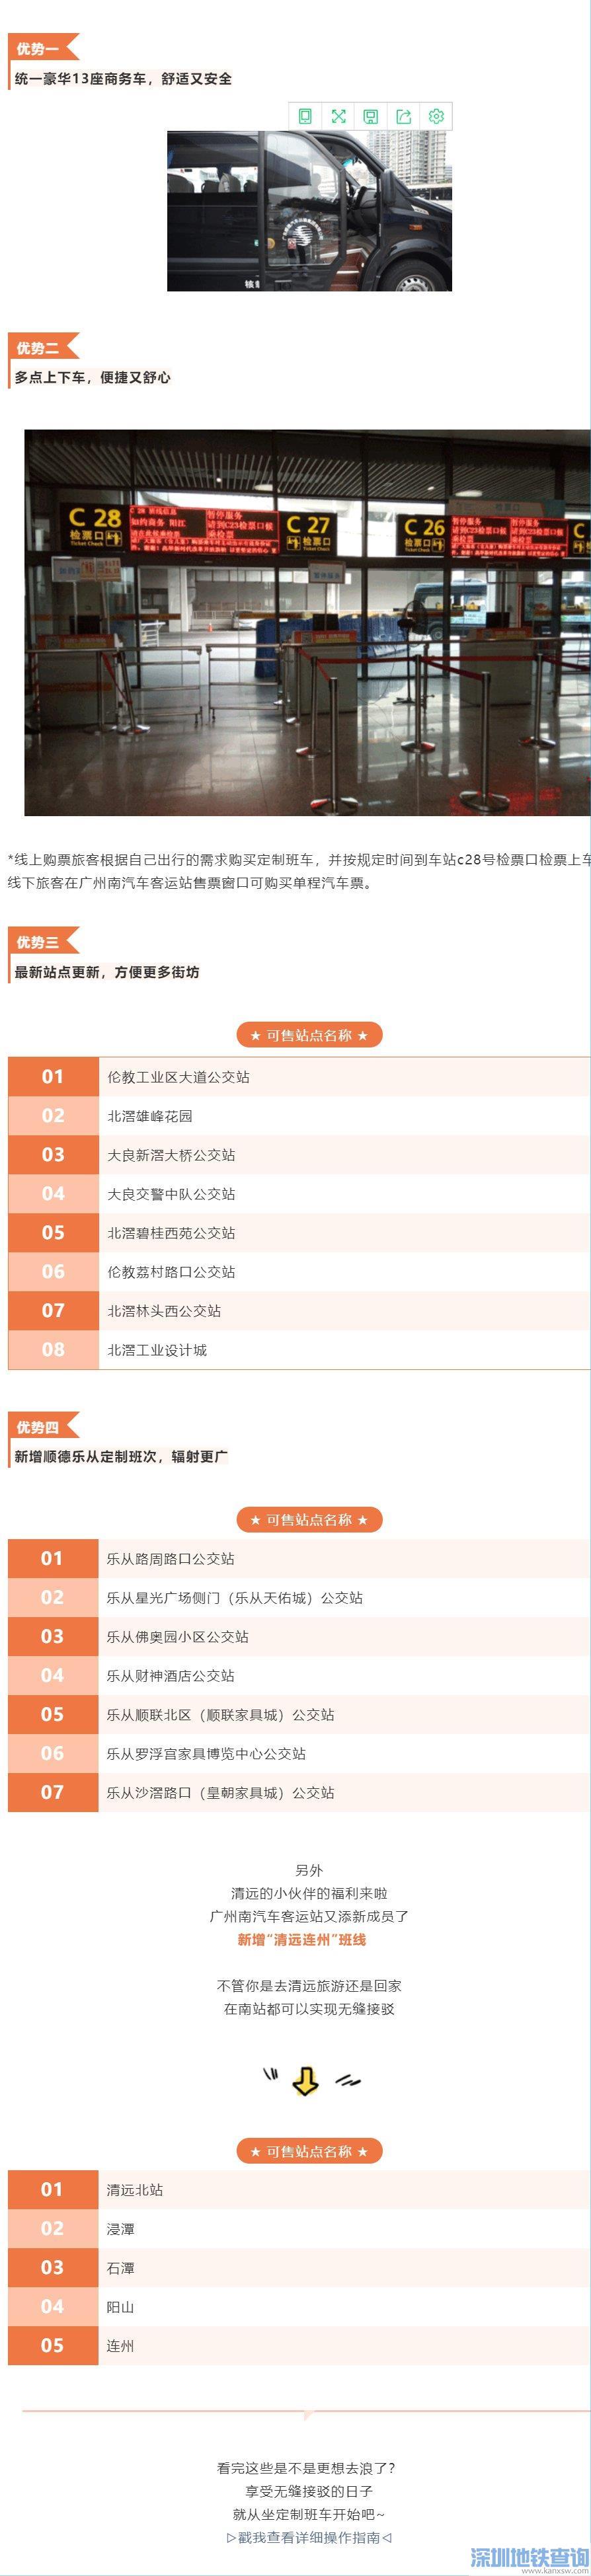 2019广州南沙至佛山南海定制专线开通(附票价+单程时间)